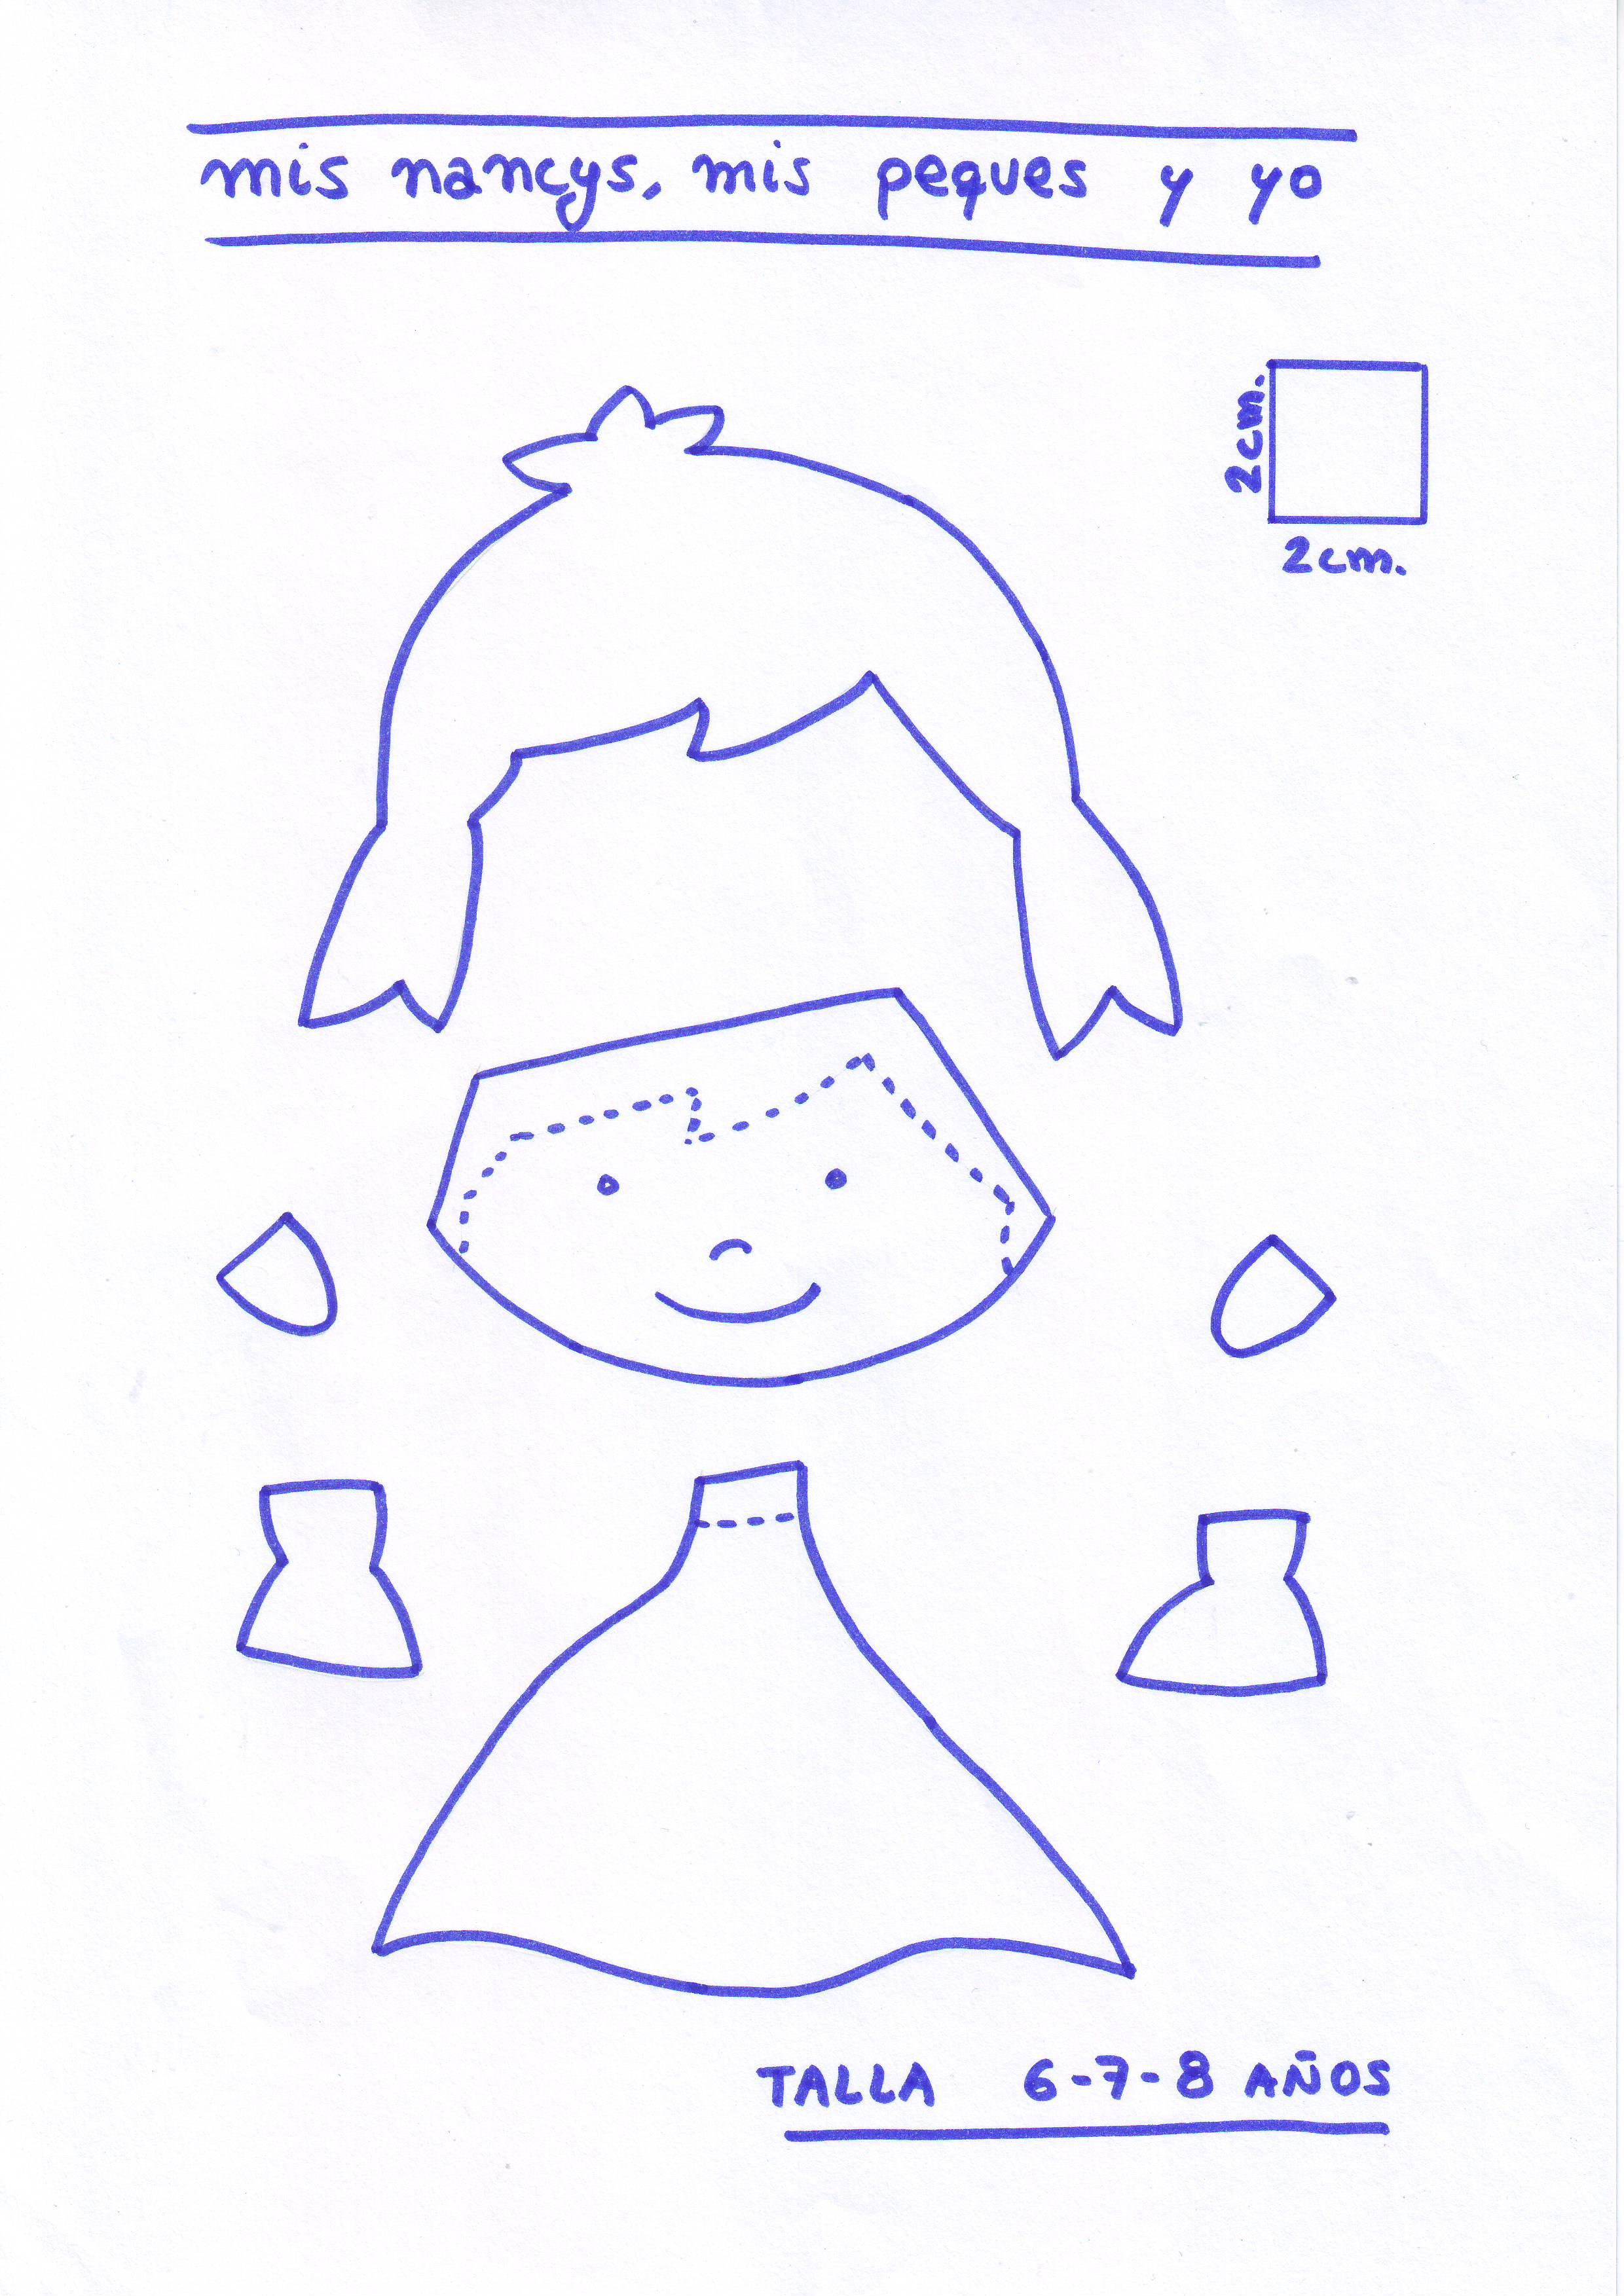 mis nancys, mis peques y yo, tutorial aplique en camiseta muñequita linda, Patrón despiece muñequita TALLA 6,7,8